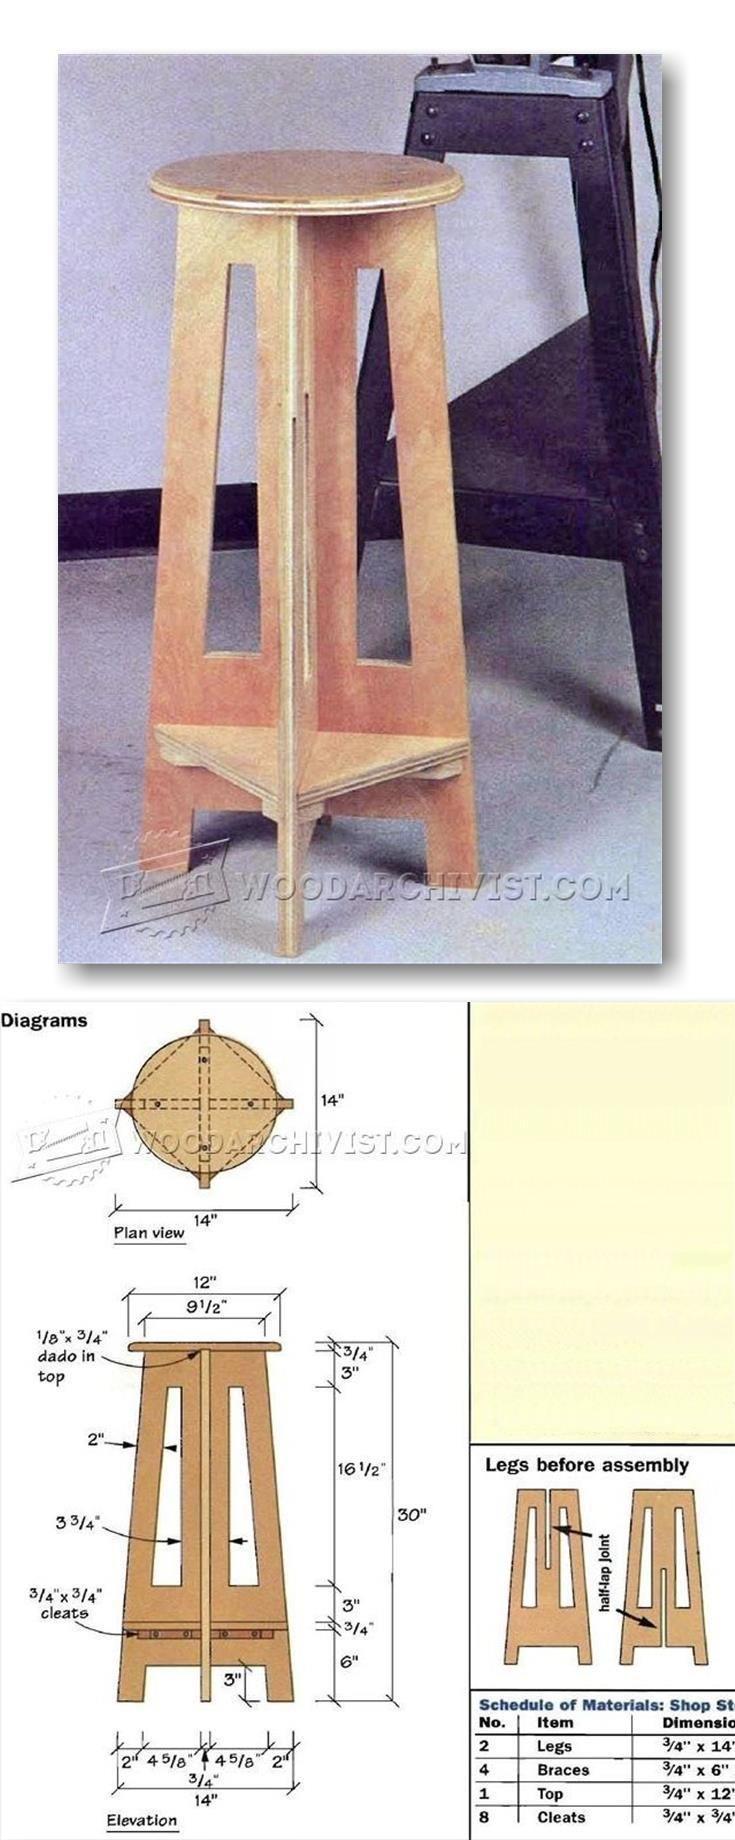 Simple Shop Stool Plans - Workshop Solutions Plans, Tips and Tricks | WoodArchivist.com